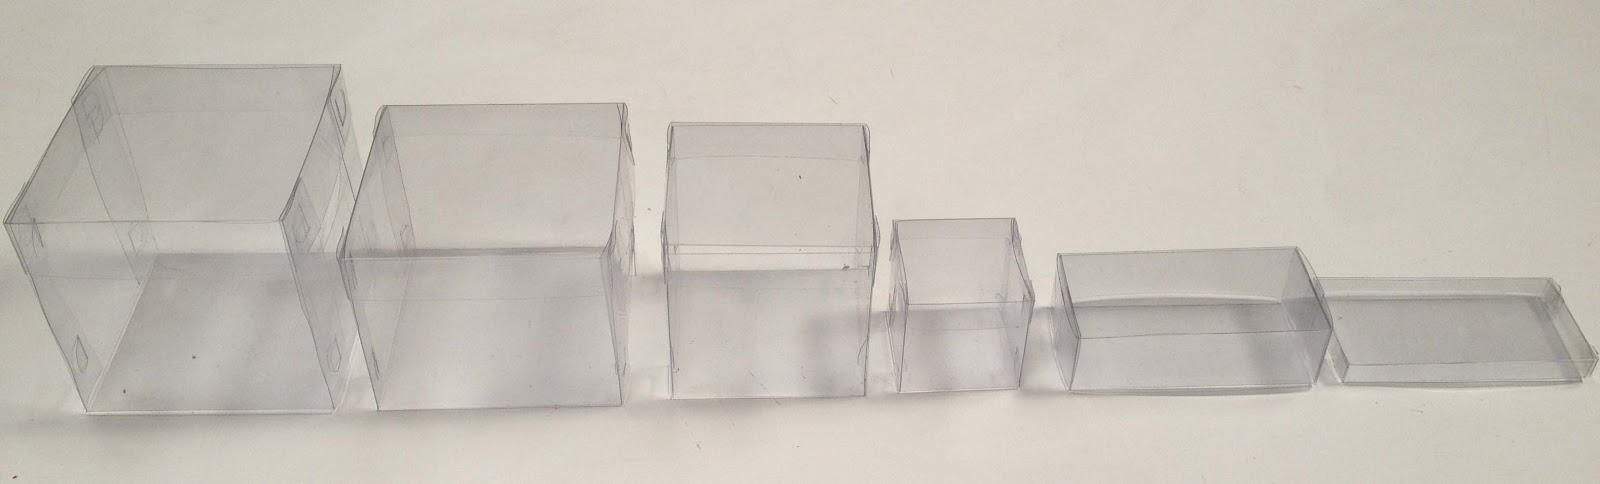 Trofeos joyas y adornos cajas para regalo de acetato for Cajas de plastico transparente